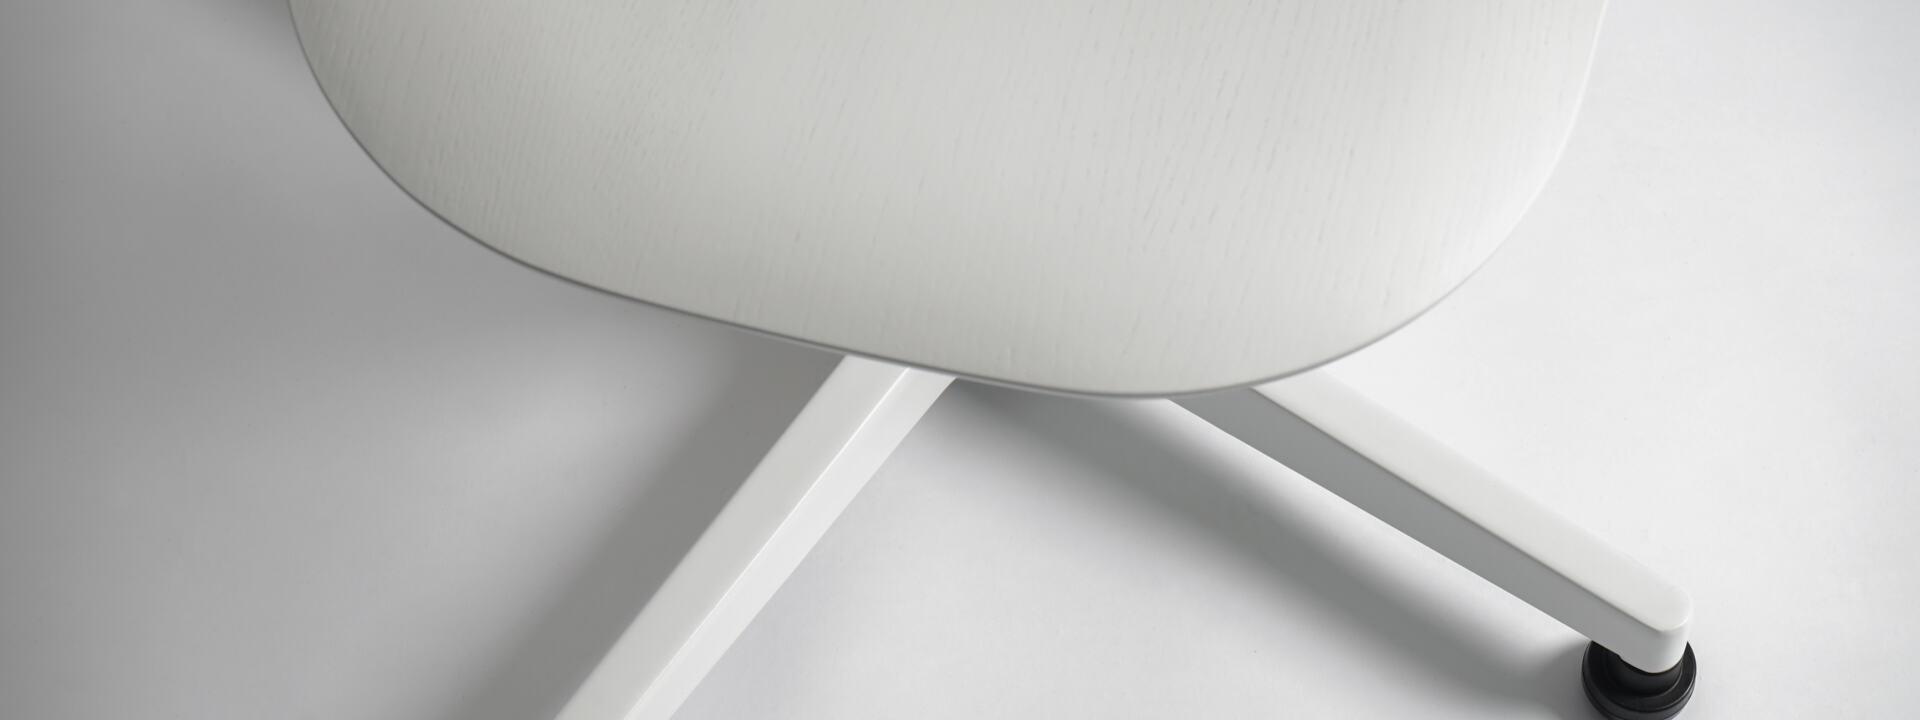 Glyph Stuhl Vier-Stern Drehkreuz, Stühle & Hocker